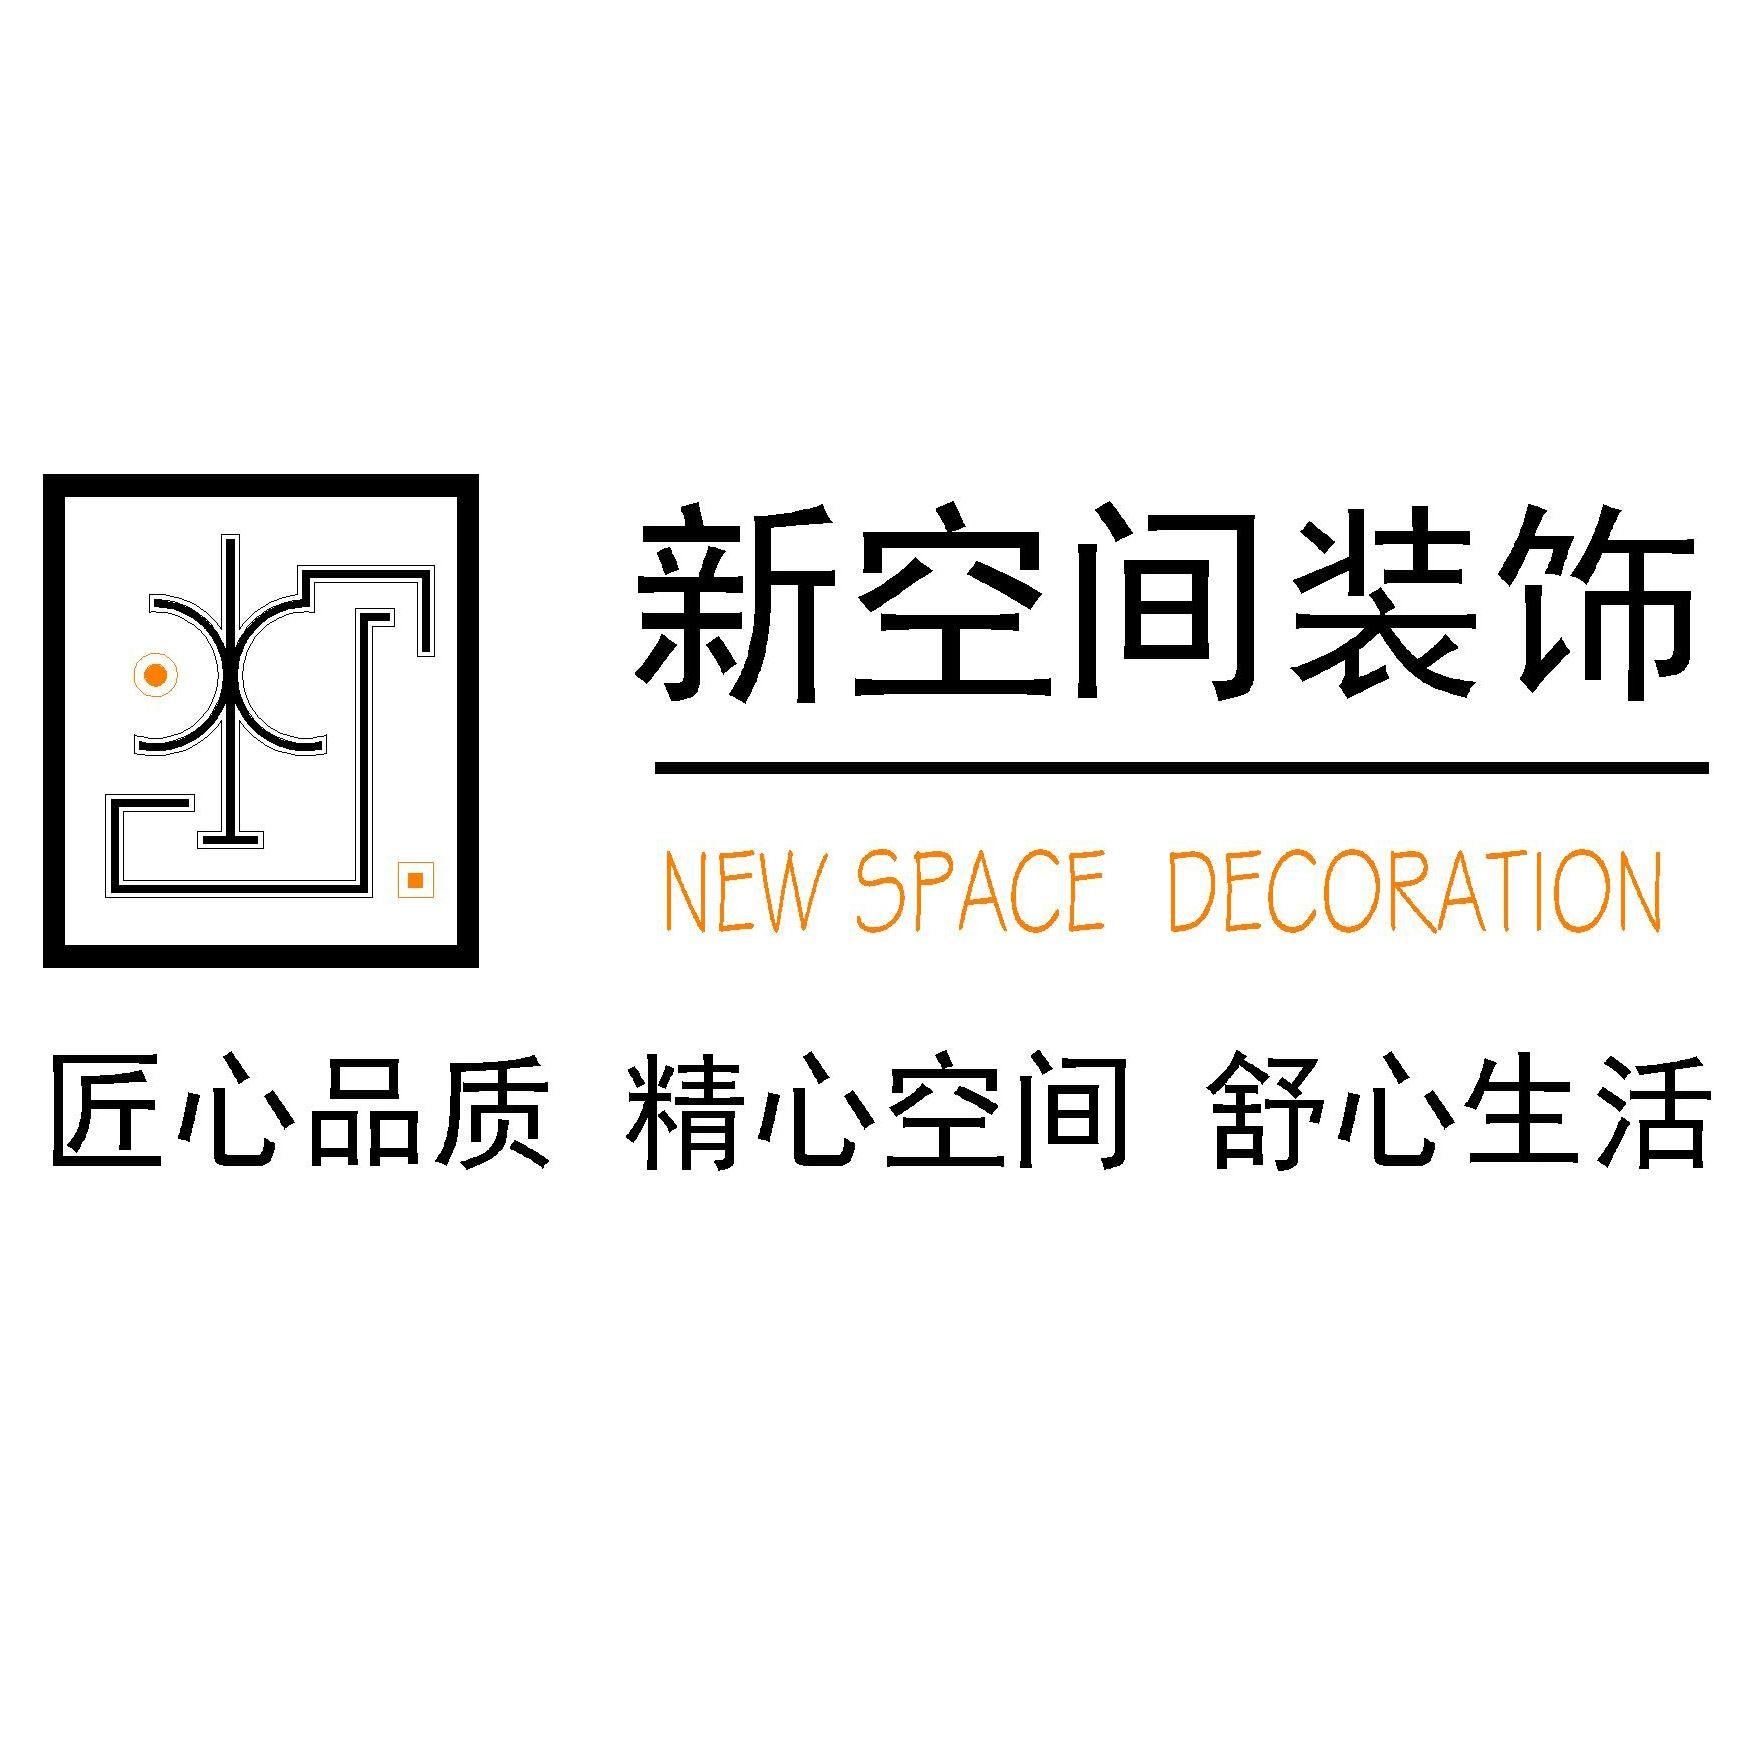 新空间装饰